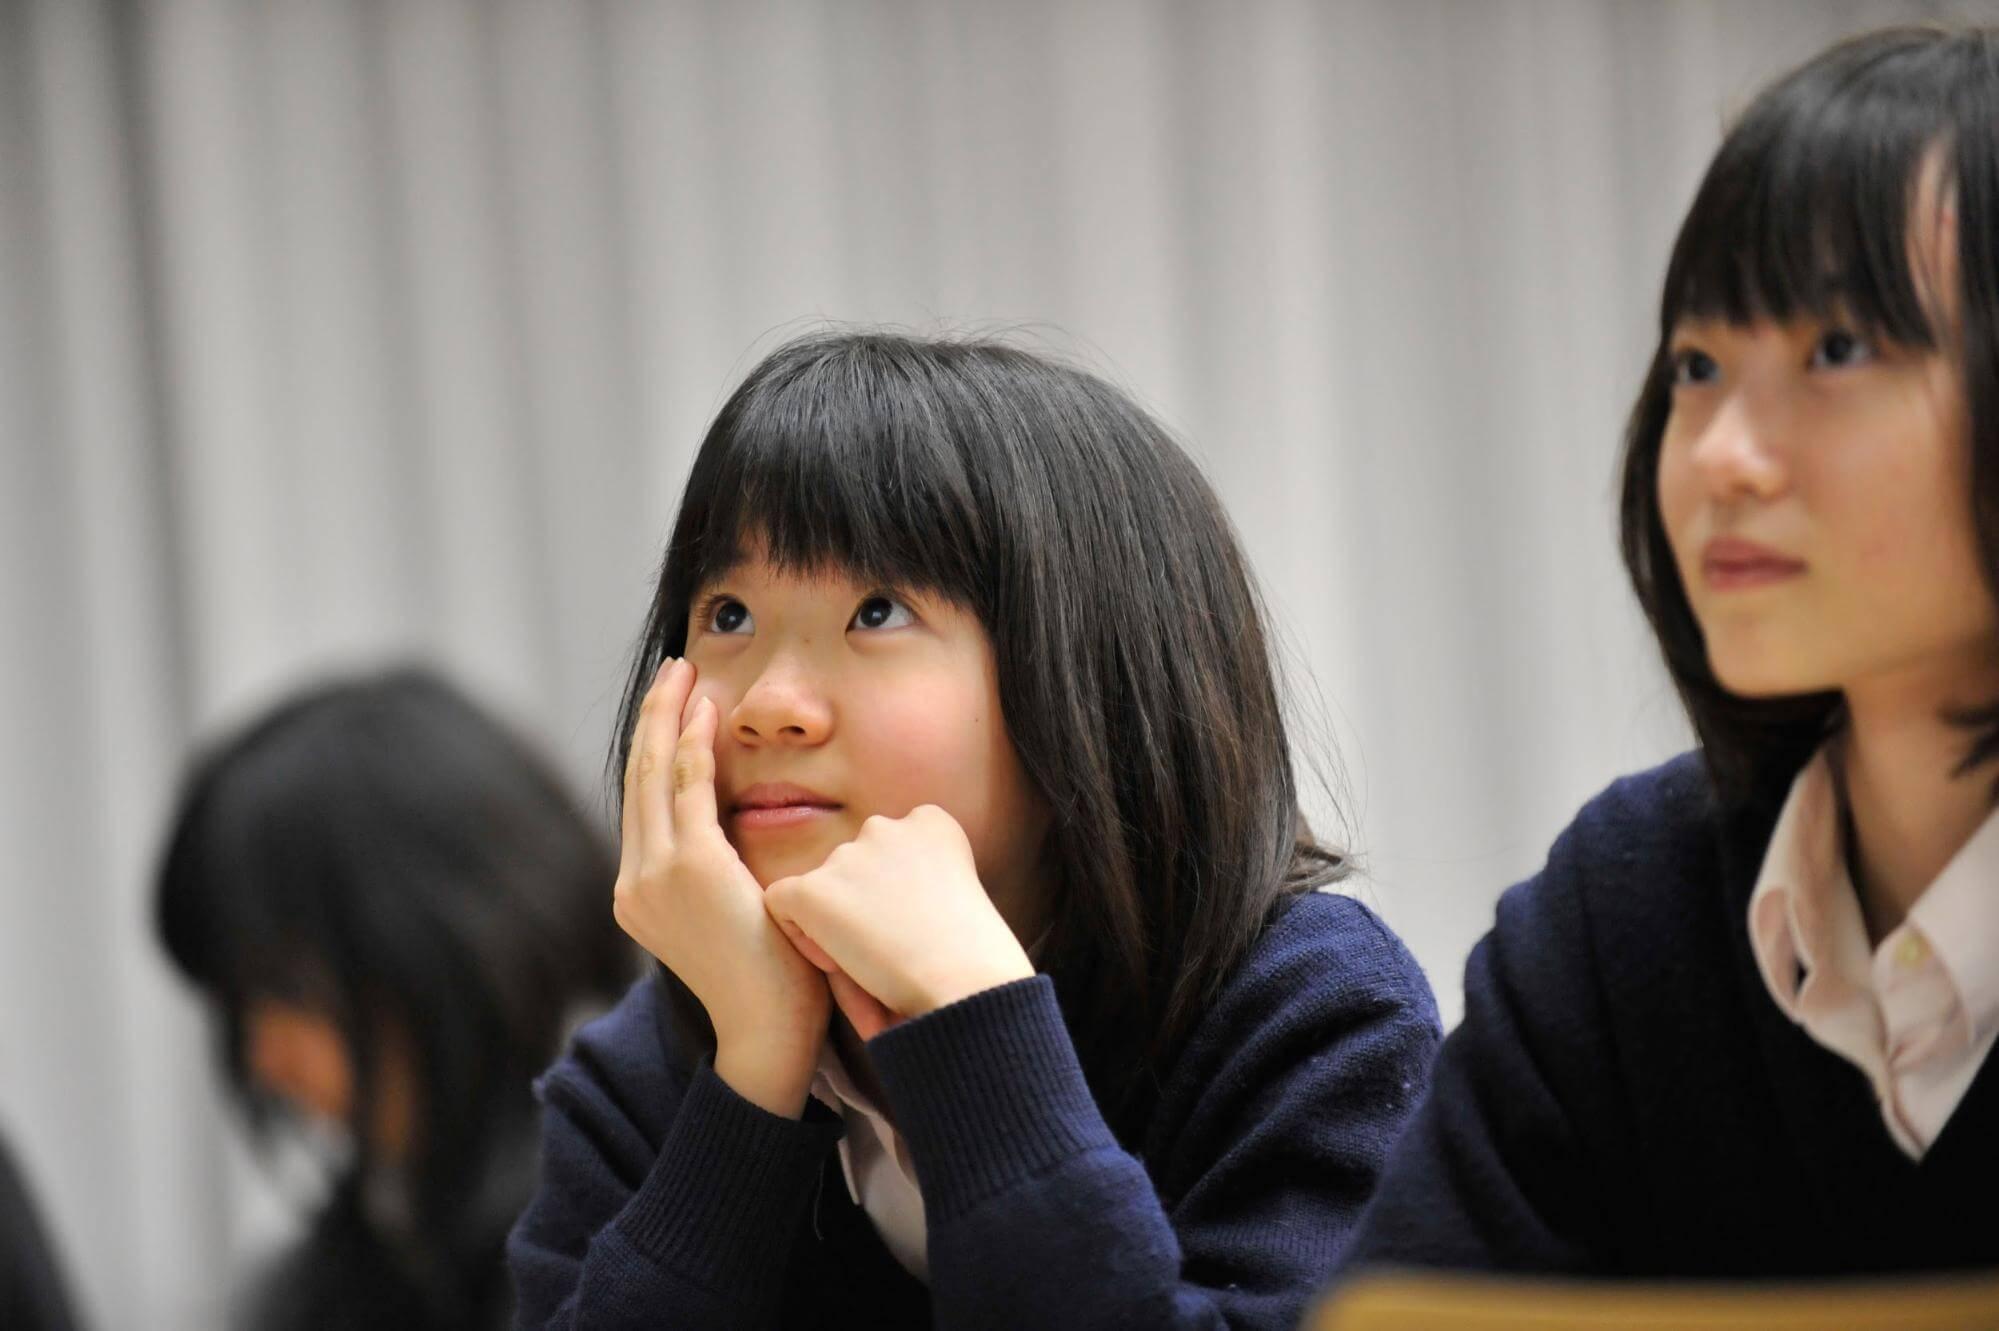 生徒との信頼関係のつくりかた~教師がひとりの人間として関わること